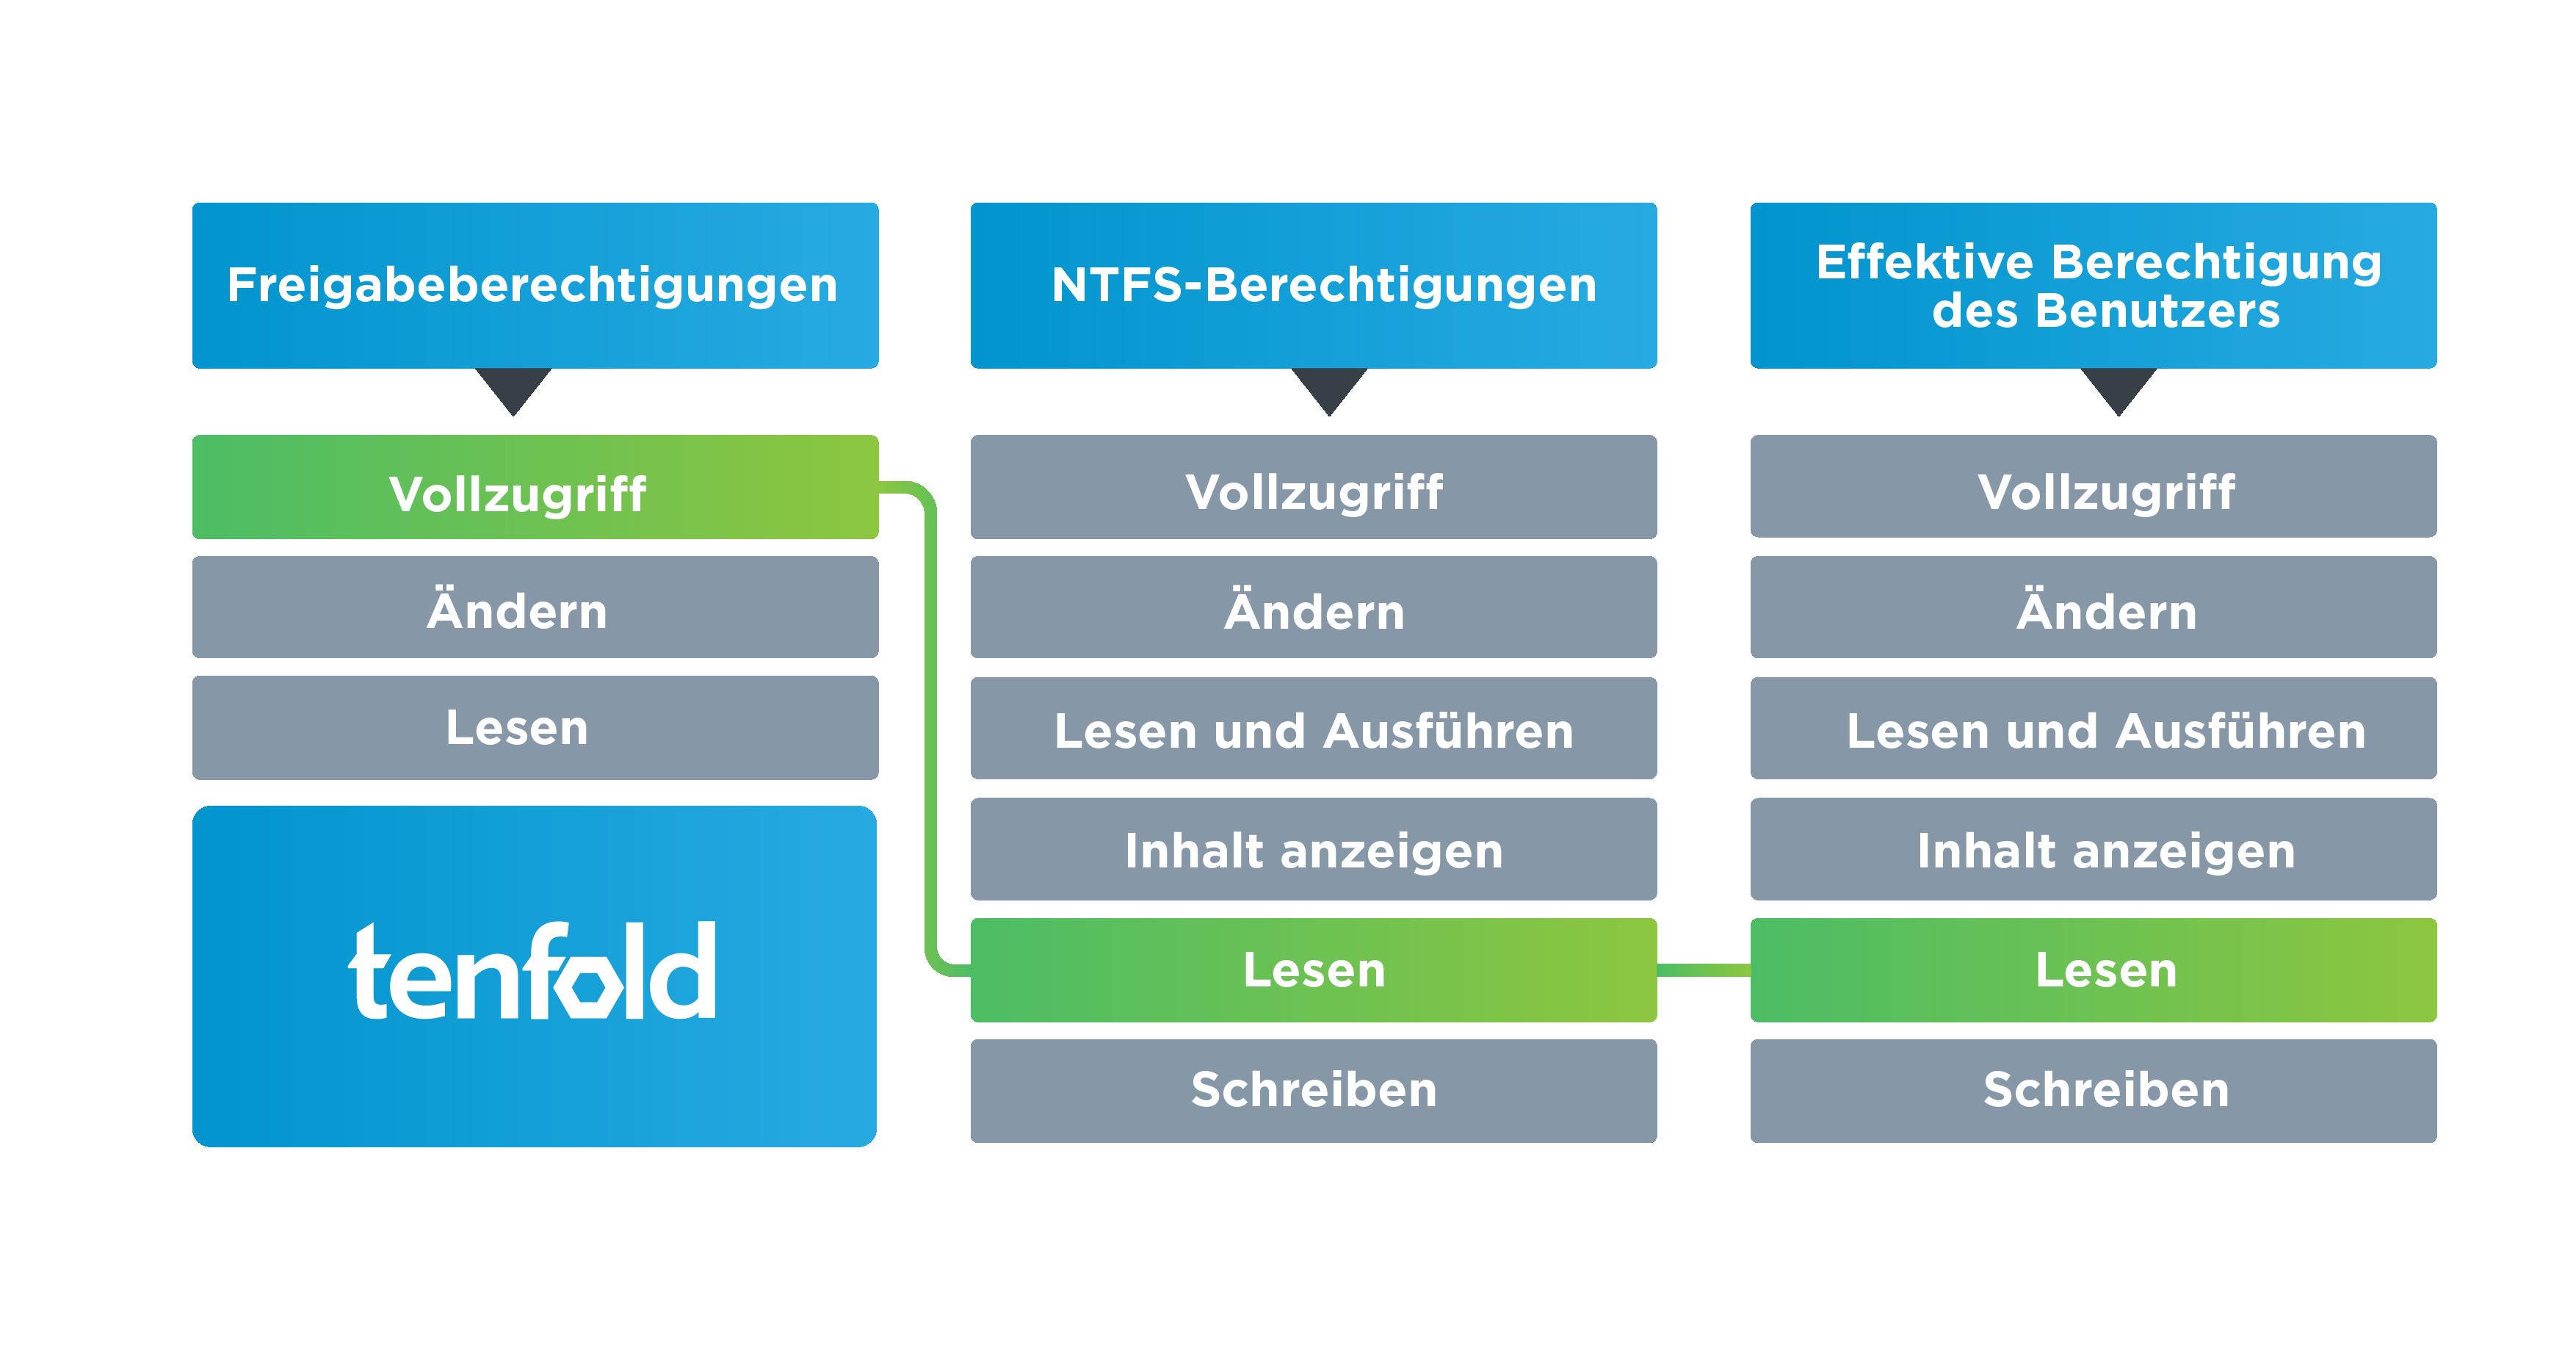 NTFS Berechtigungen vs. Freigabeberechtigungen